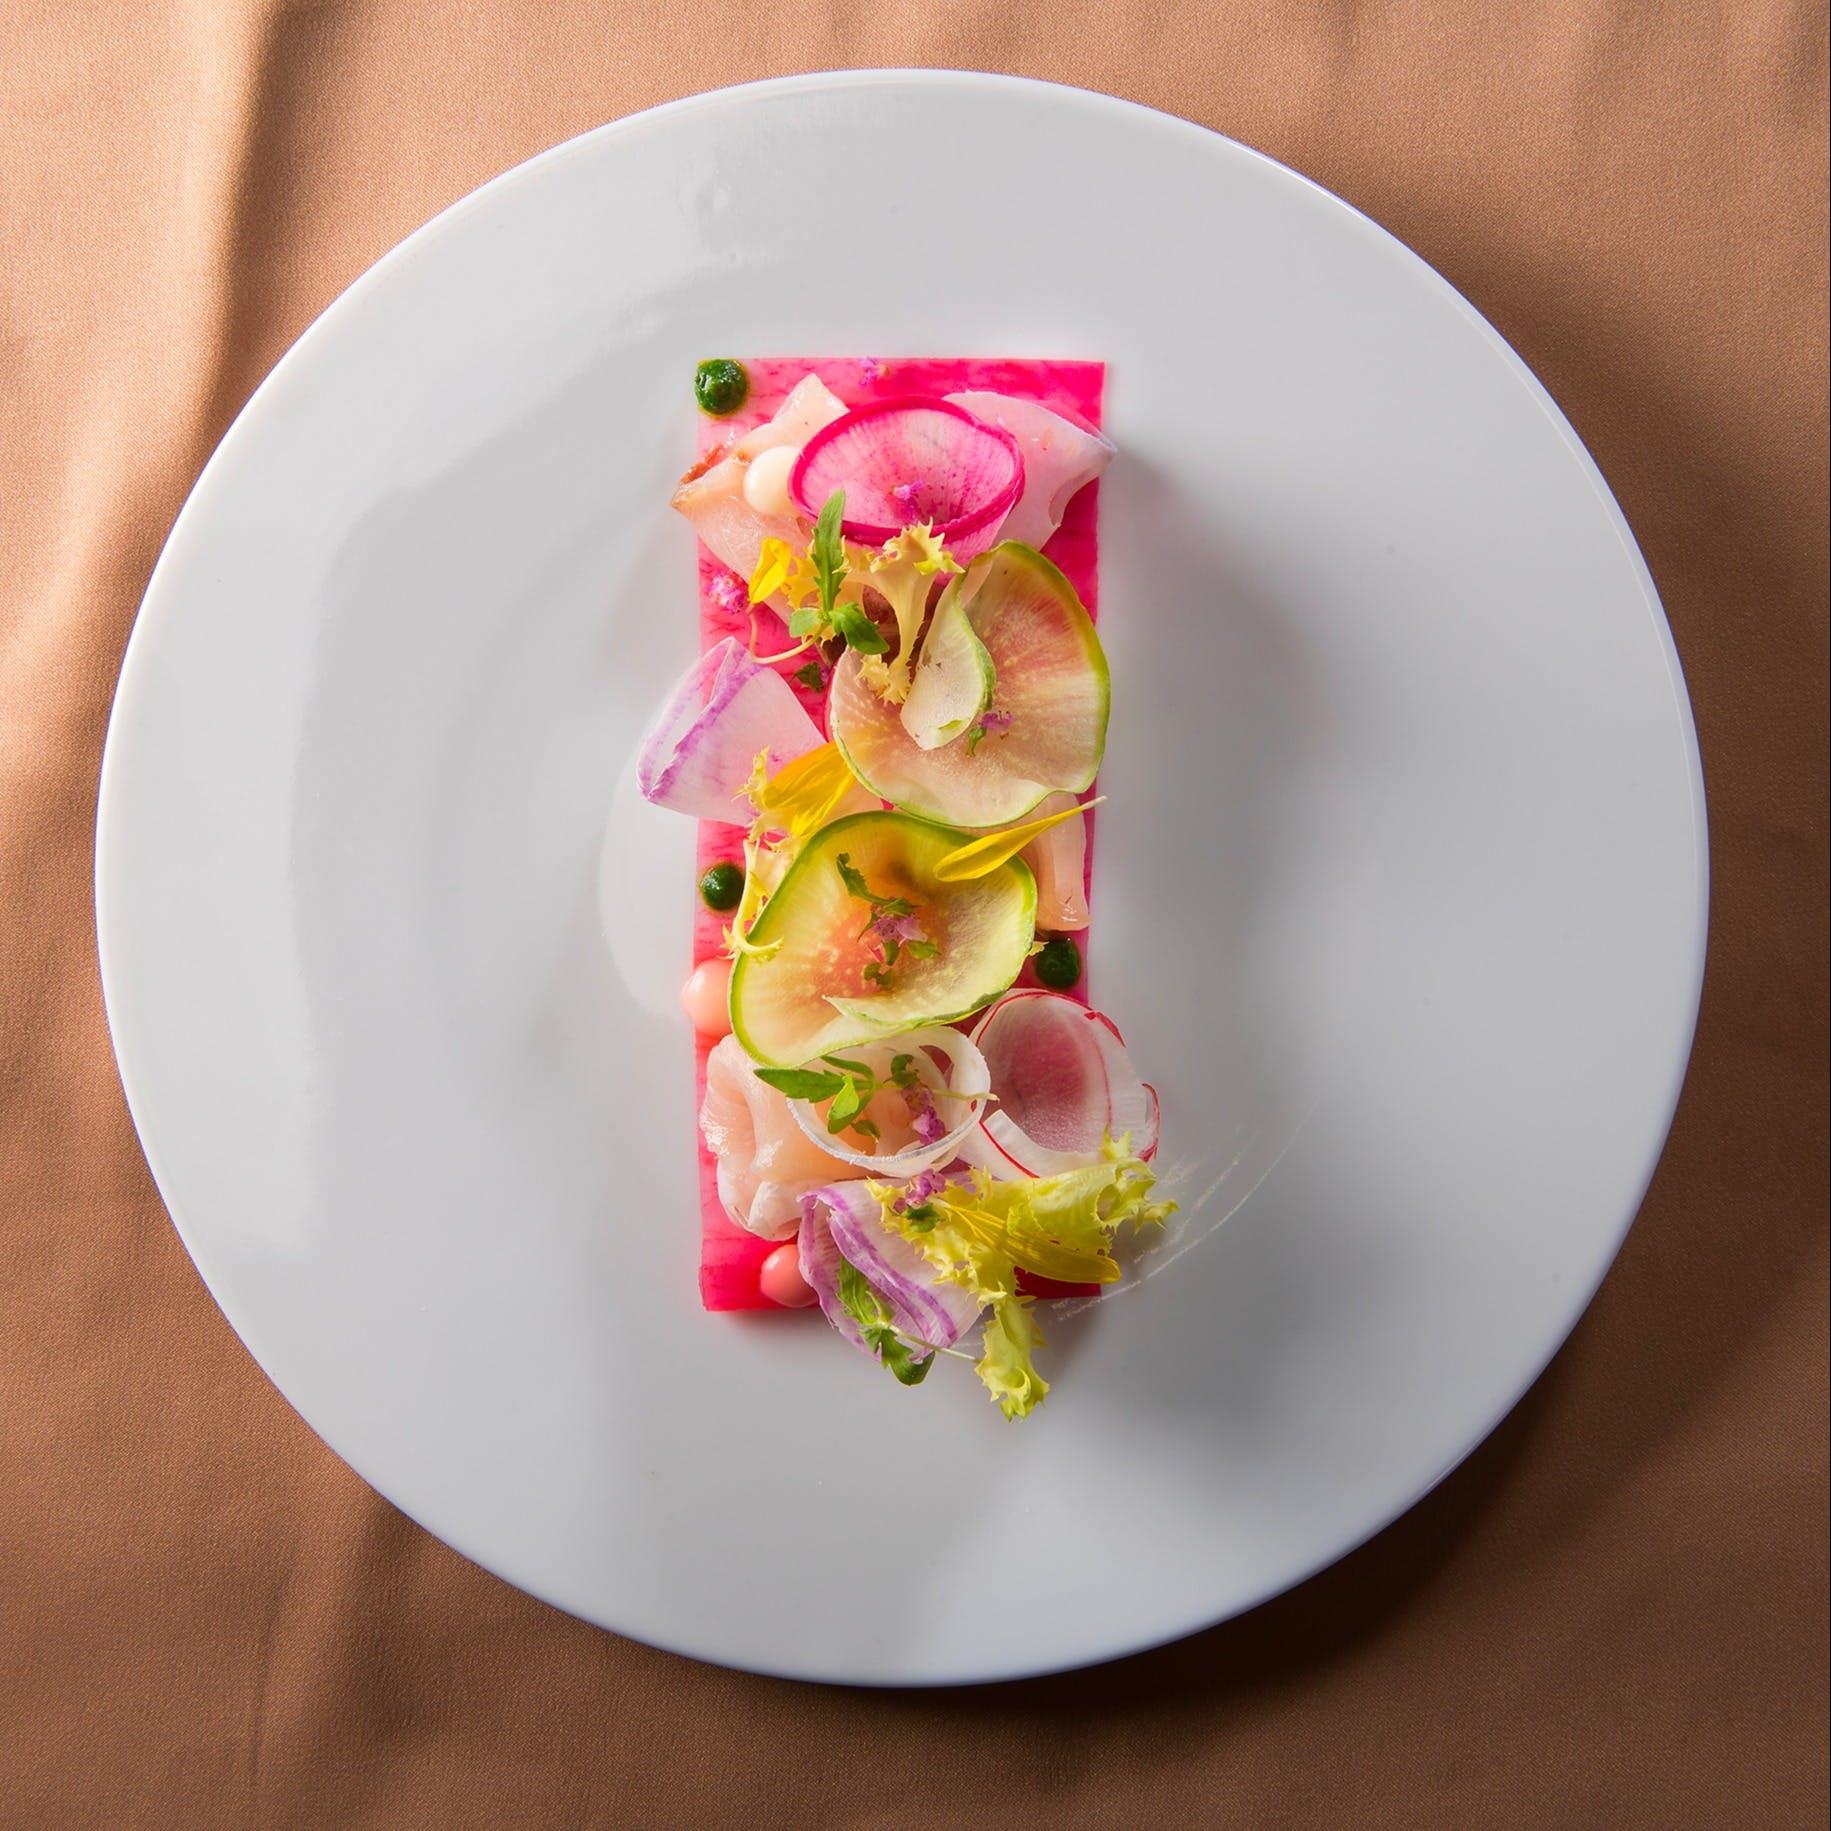 旬の食材を使って最高の形で演出されるフランス料理